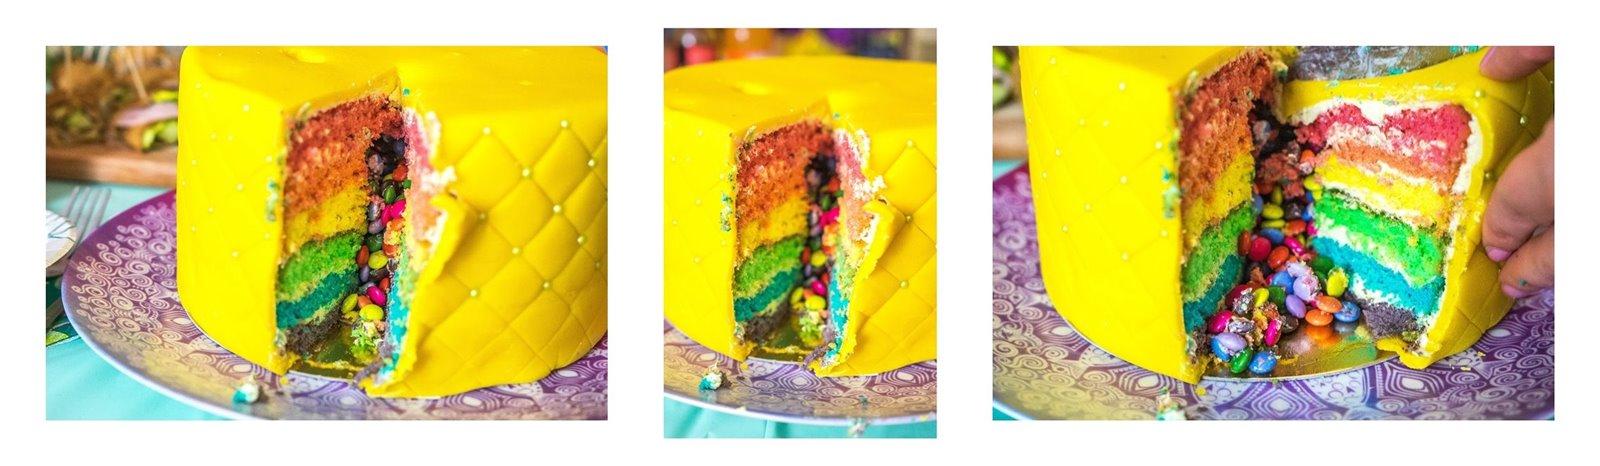 11a twój tort cake pops opinie jak smakuje recenzja czy dobre gdzie zamówić tort online nie dłodkie torty tęczowe wnętrze jak zamówić ile kosztuje cena blog urodziny dekoracje hawajskie